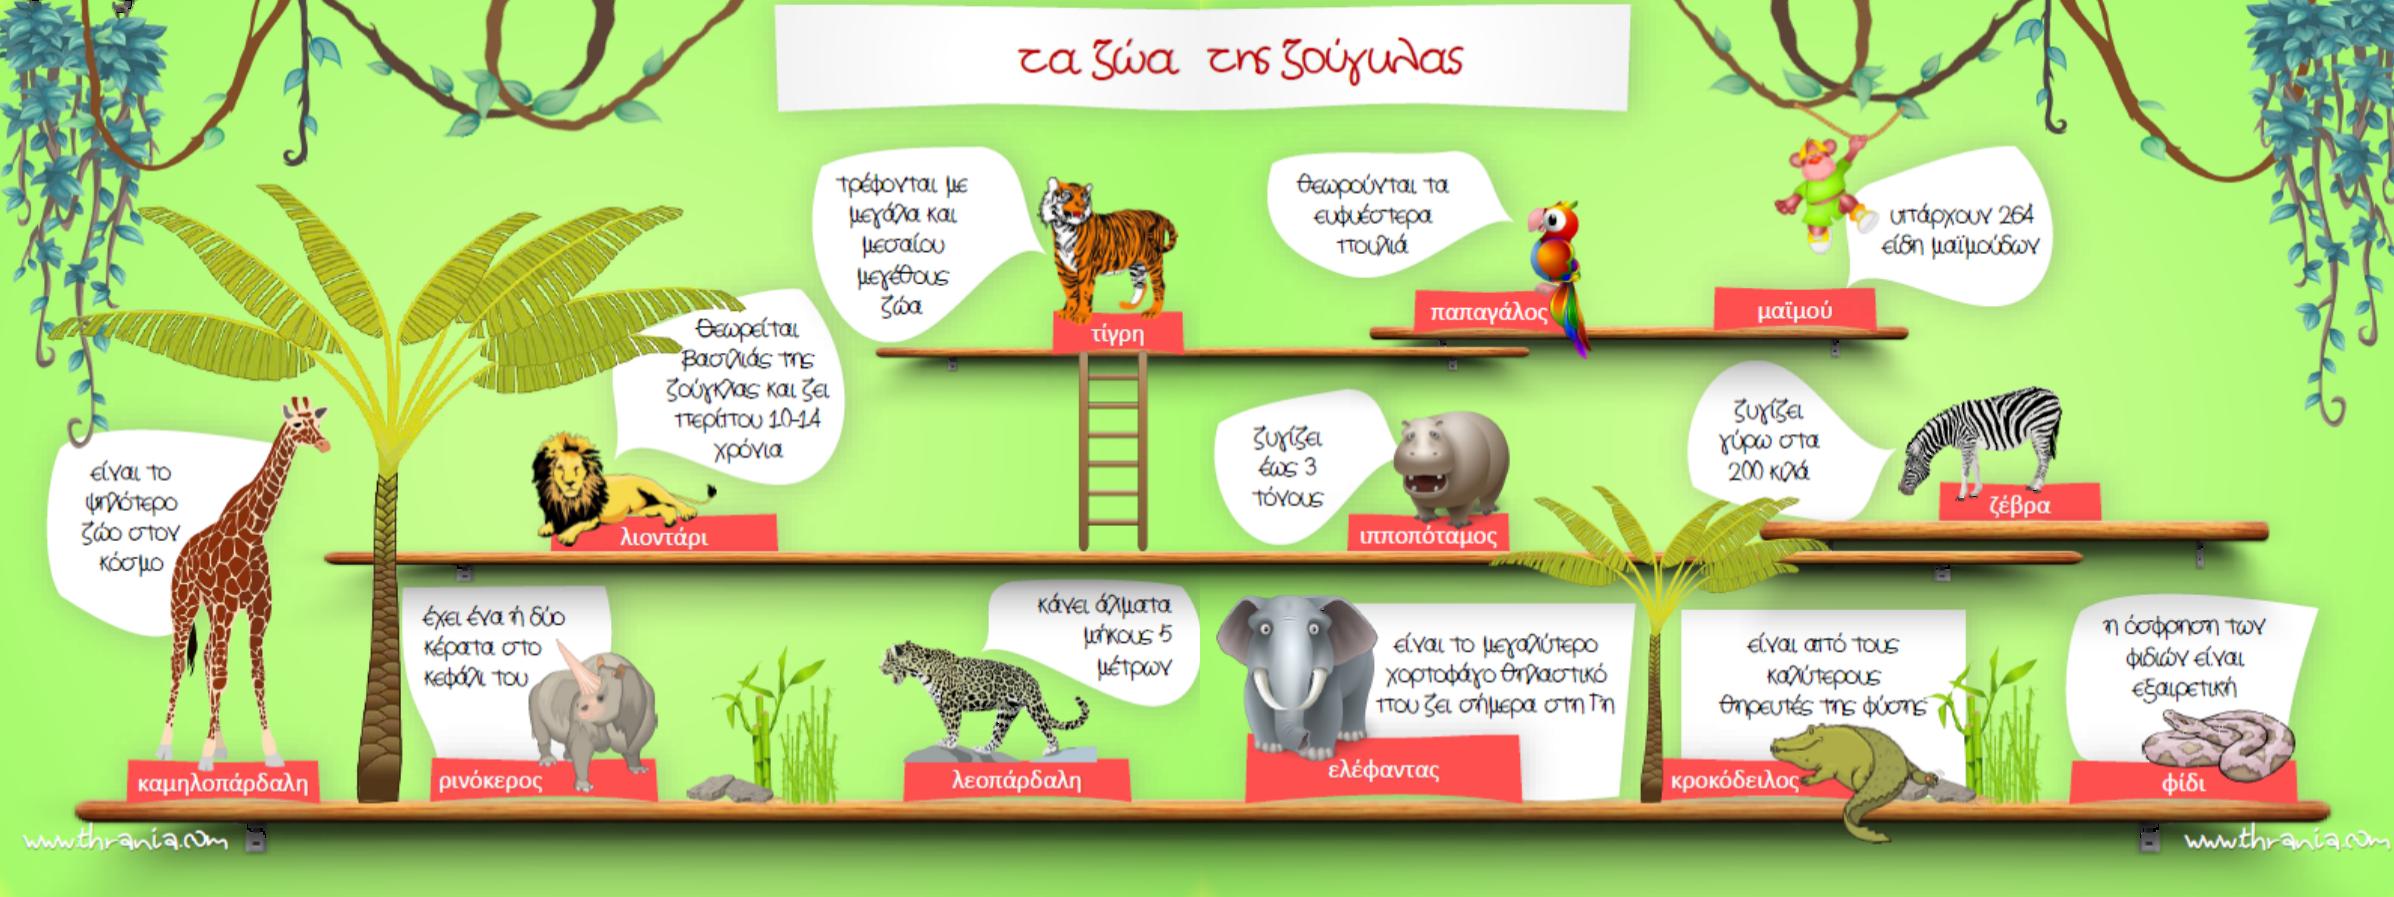 Μαθαίνω τα ζώα της ζούγκλας